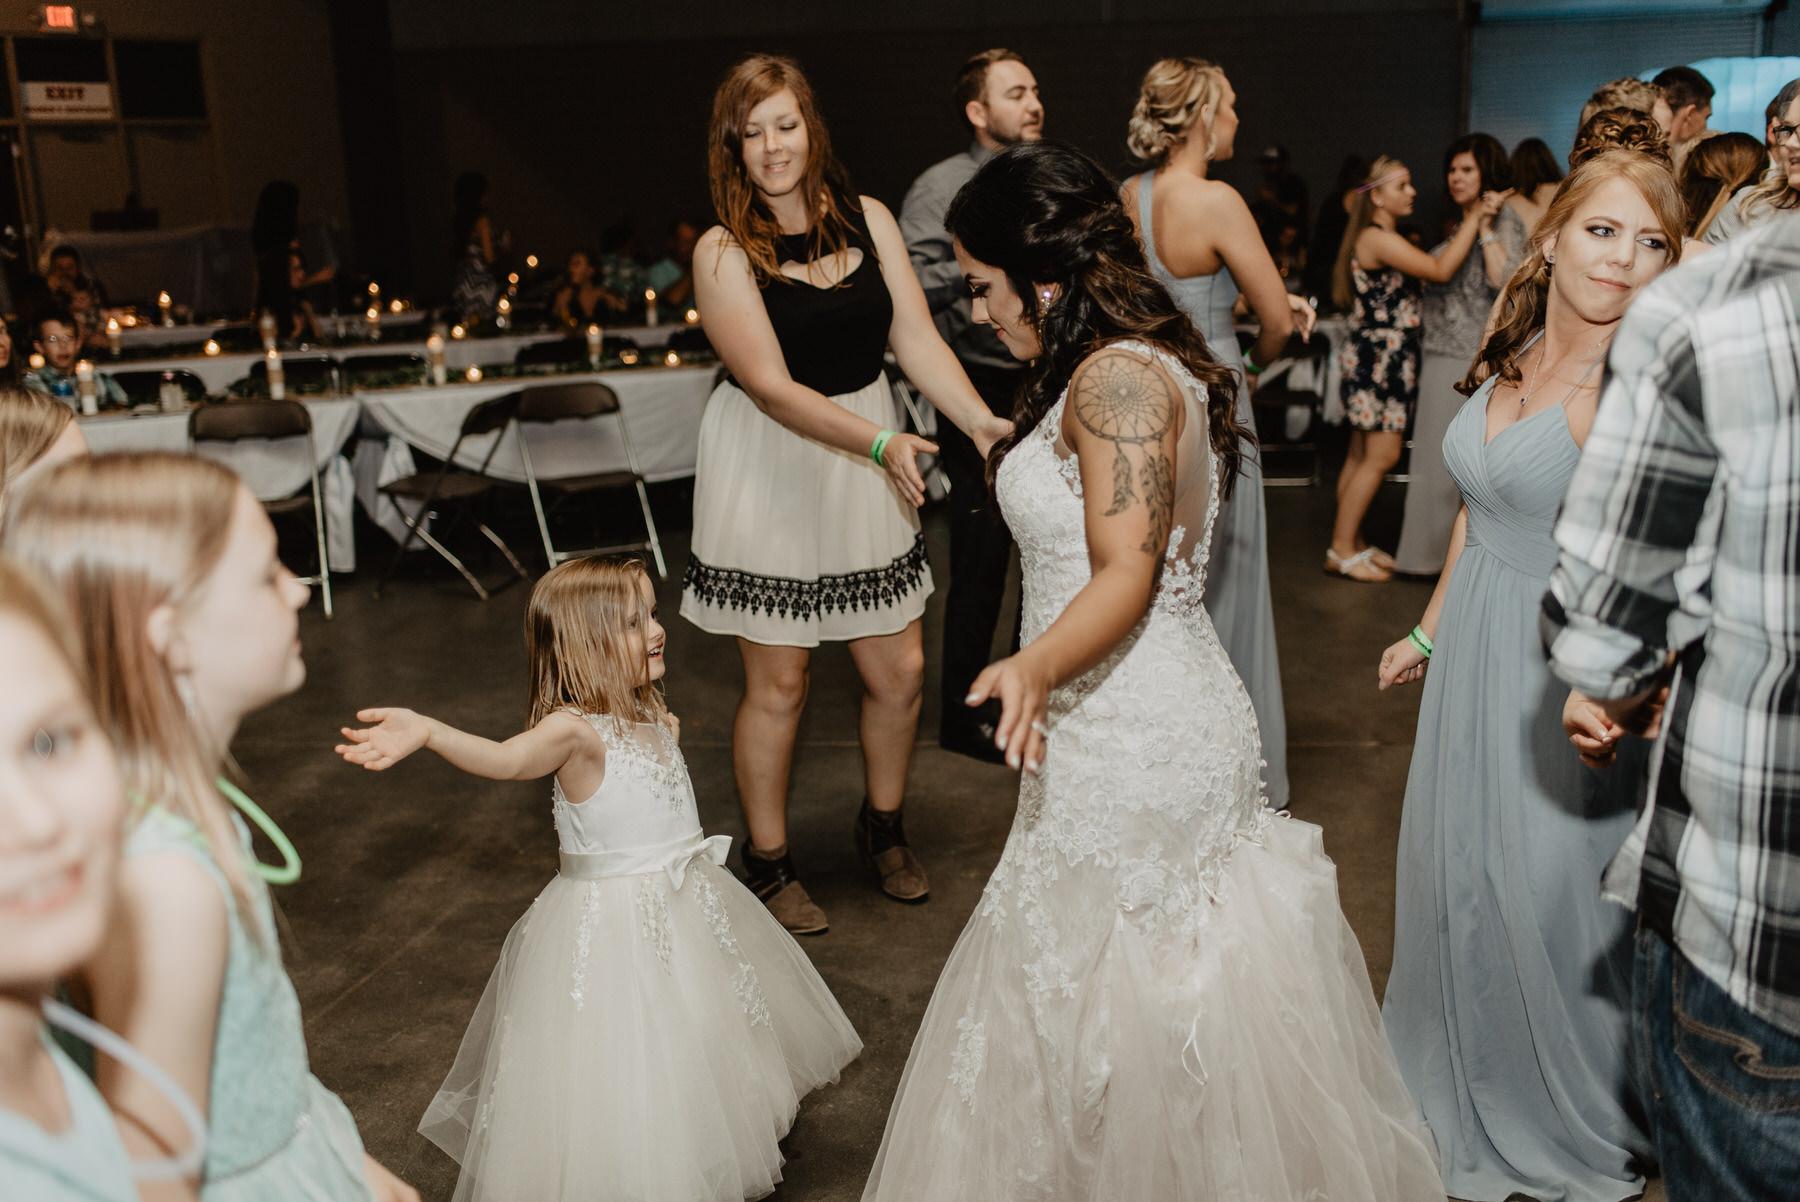 Kaylie-Sirek-Photography-Kearney-Nebraska-Wedding-123.jpg